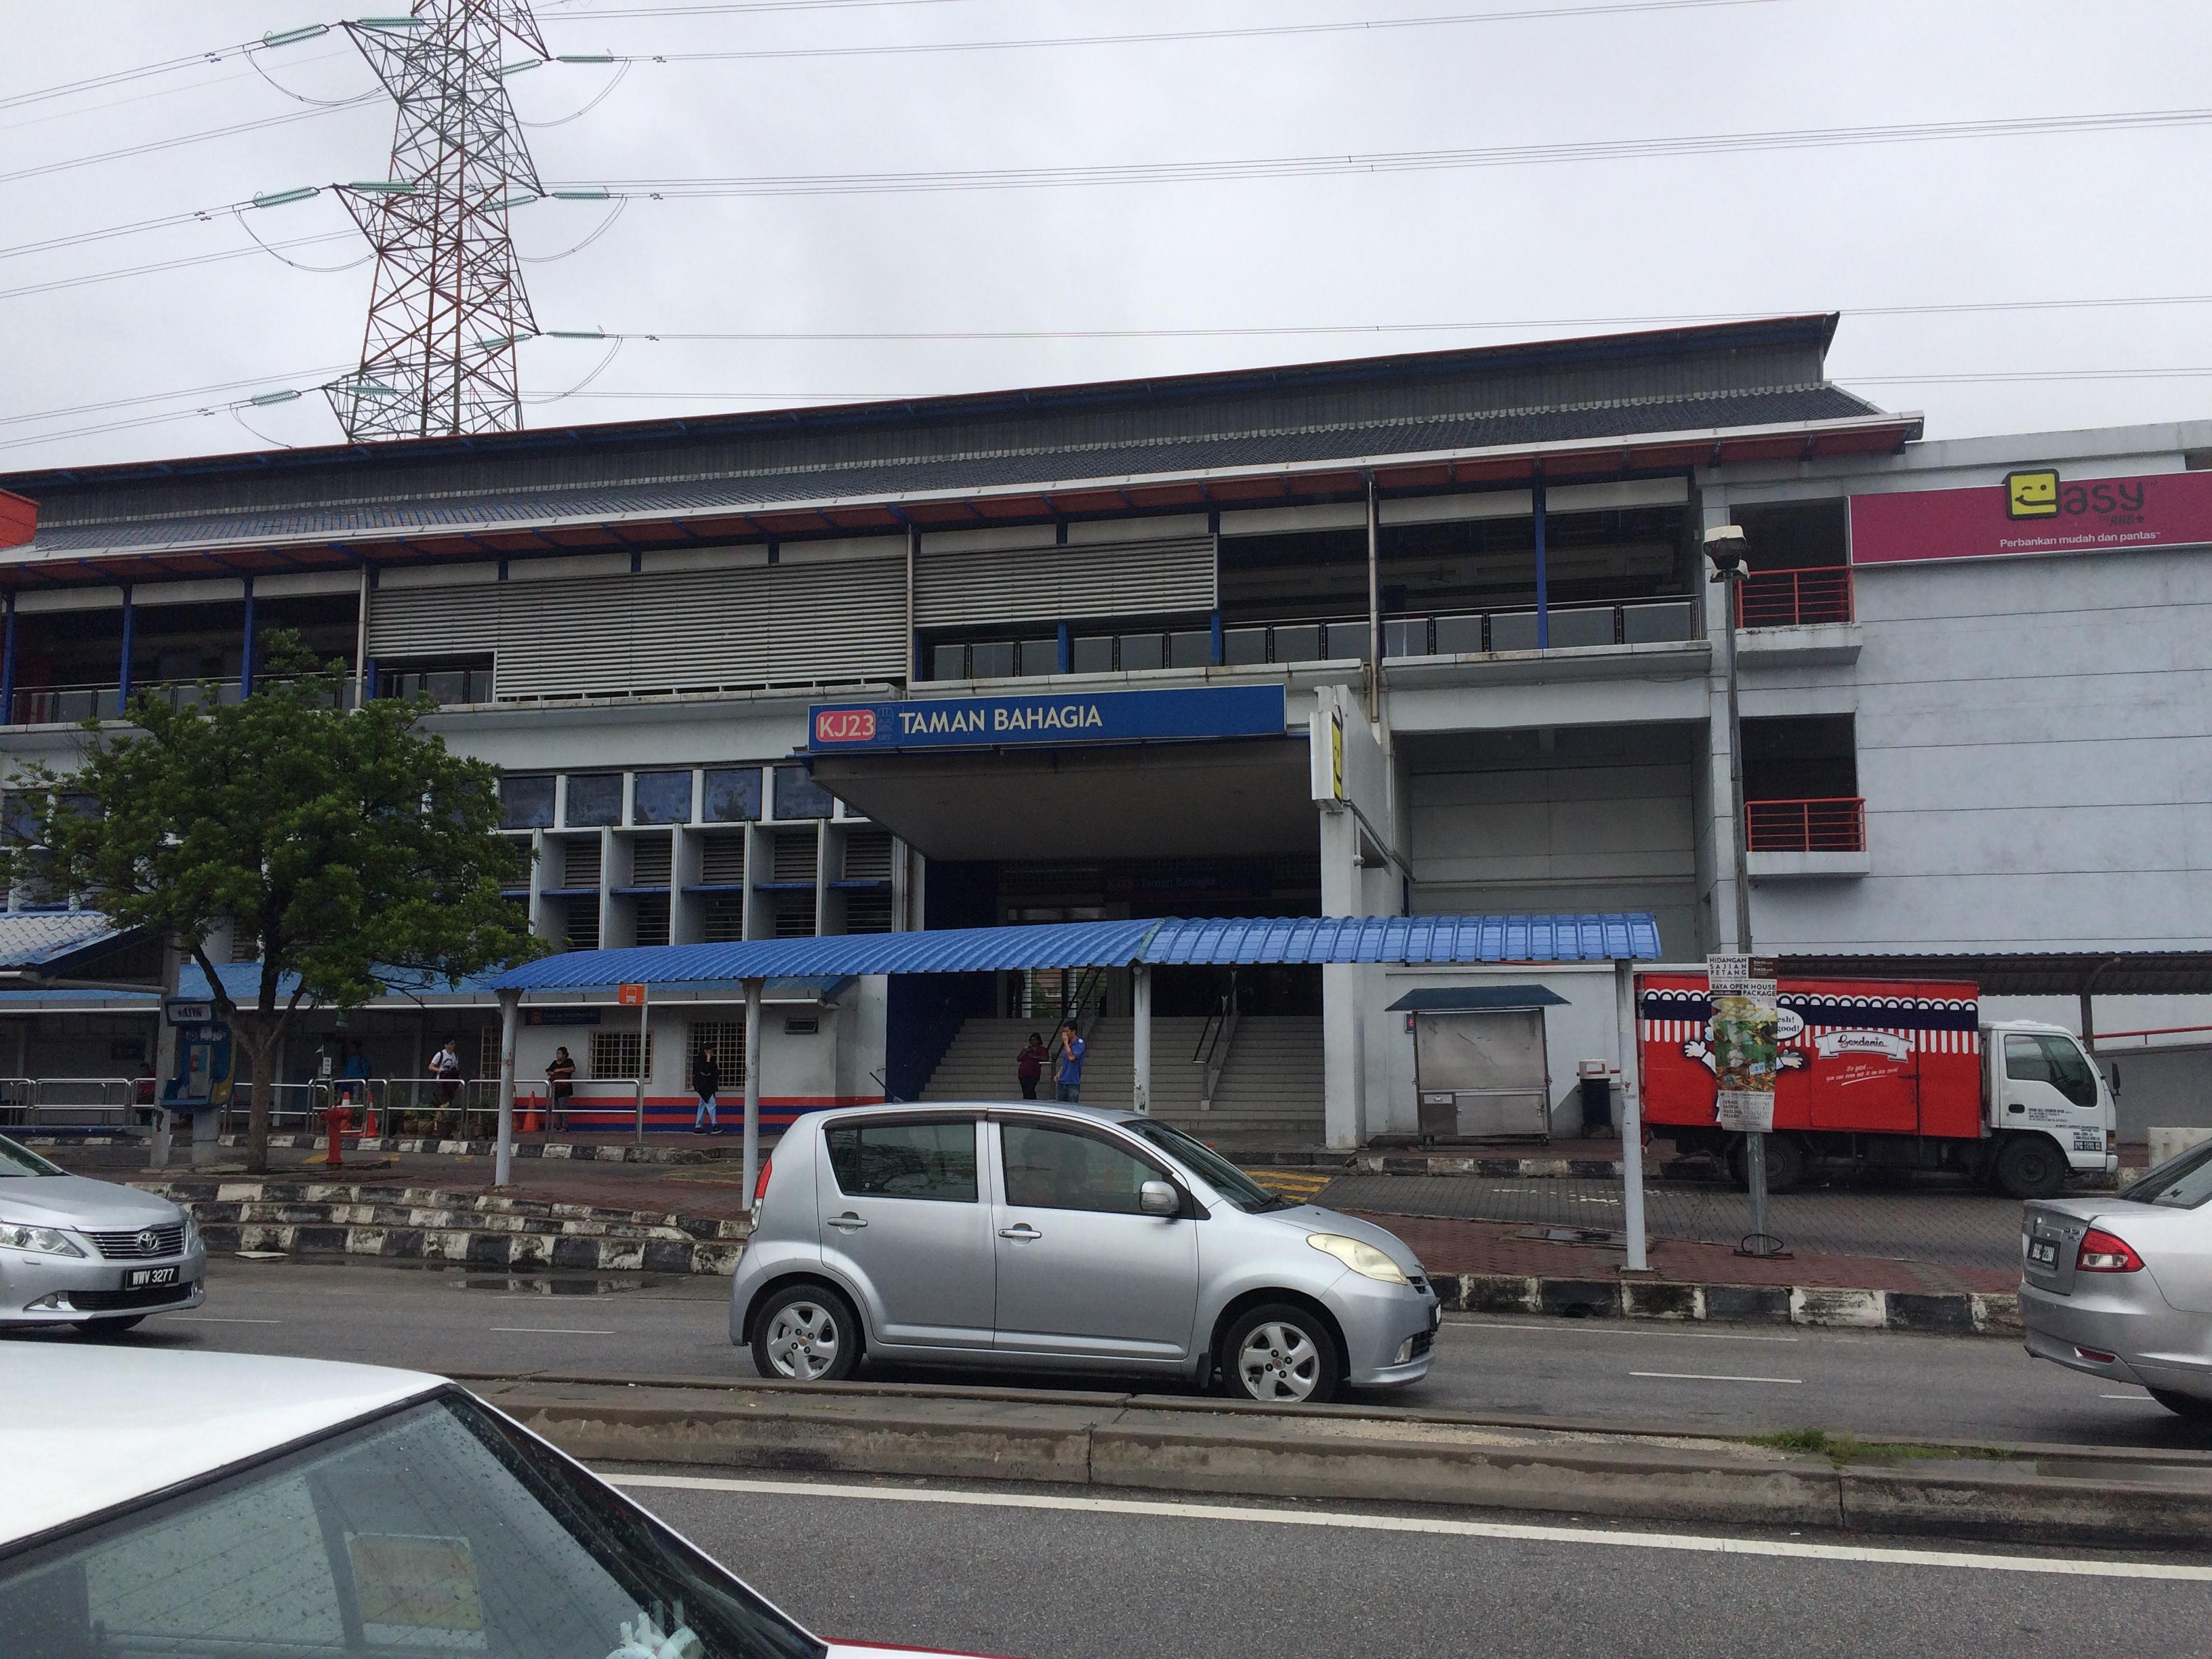 タマン・バハギア駅